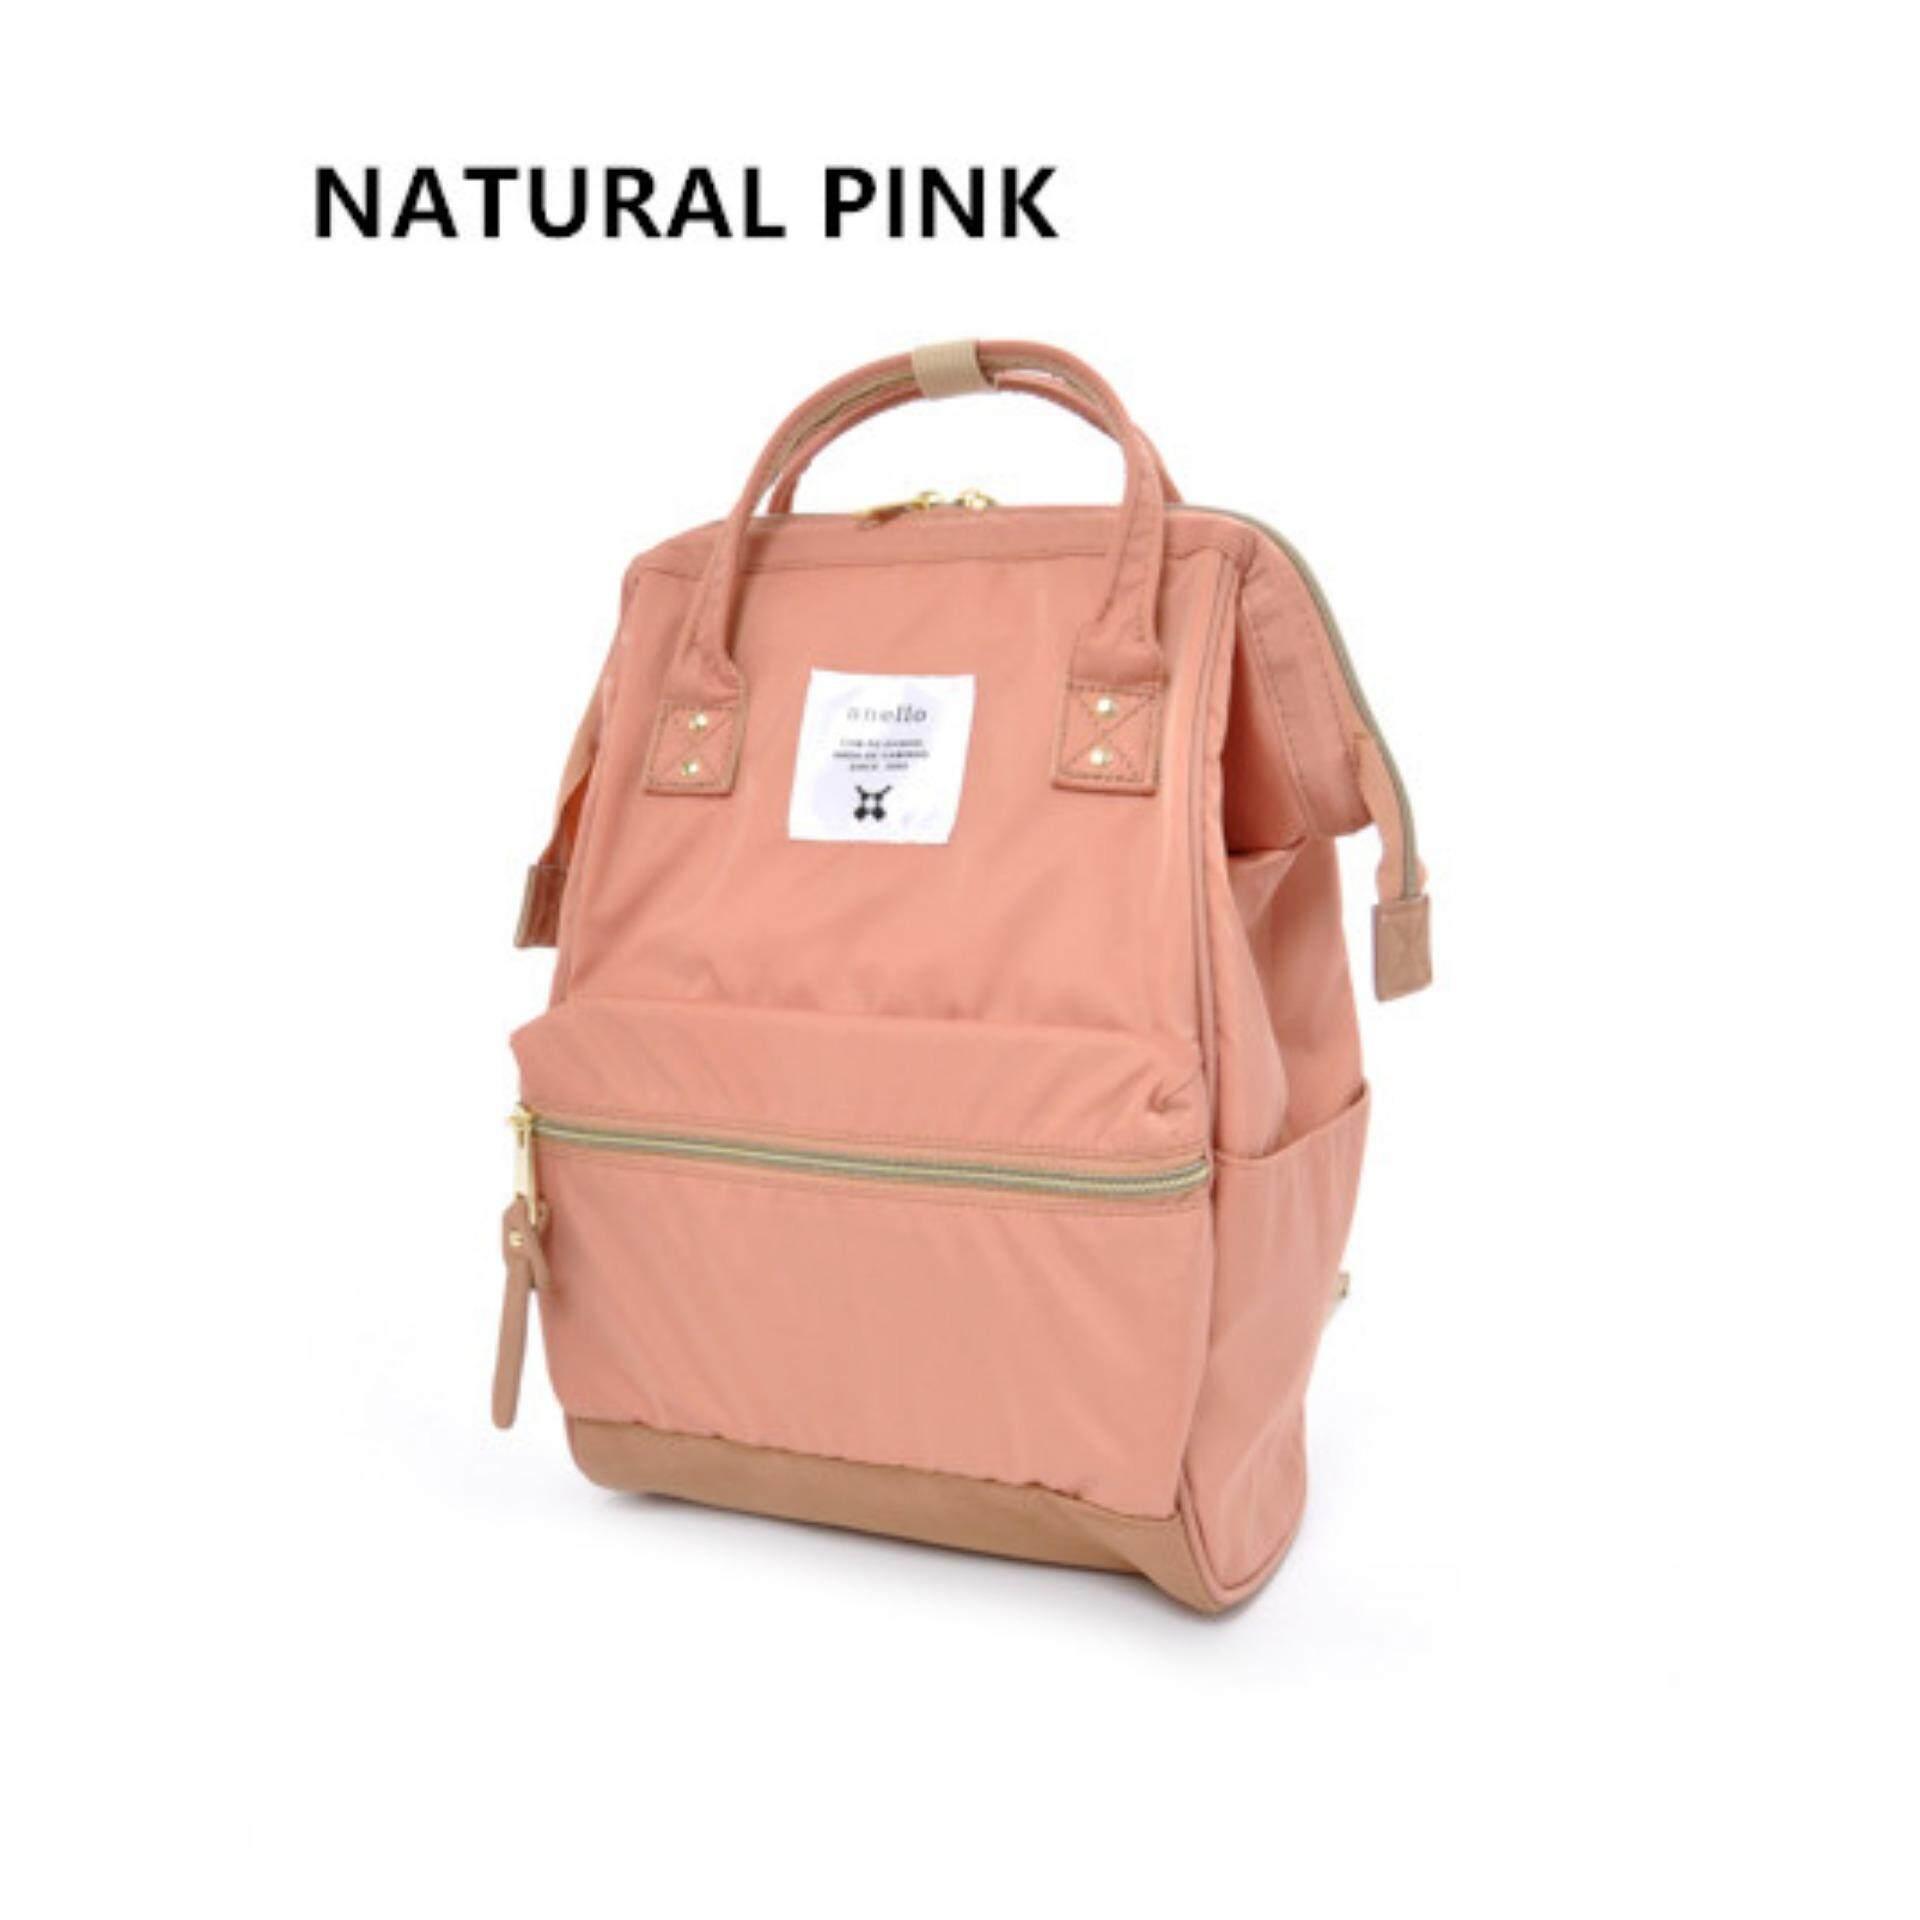 ยี่ห้อนี้ดีไหม  ตาก กระเป๋าเป้สะพายหลัง Anello Nylon Unisex Backpack Natural Pink (Classic Size) - Japan Imported 100%